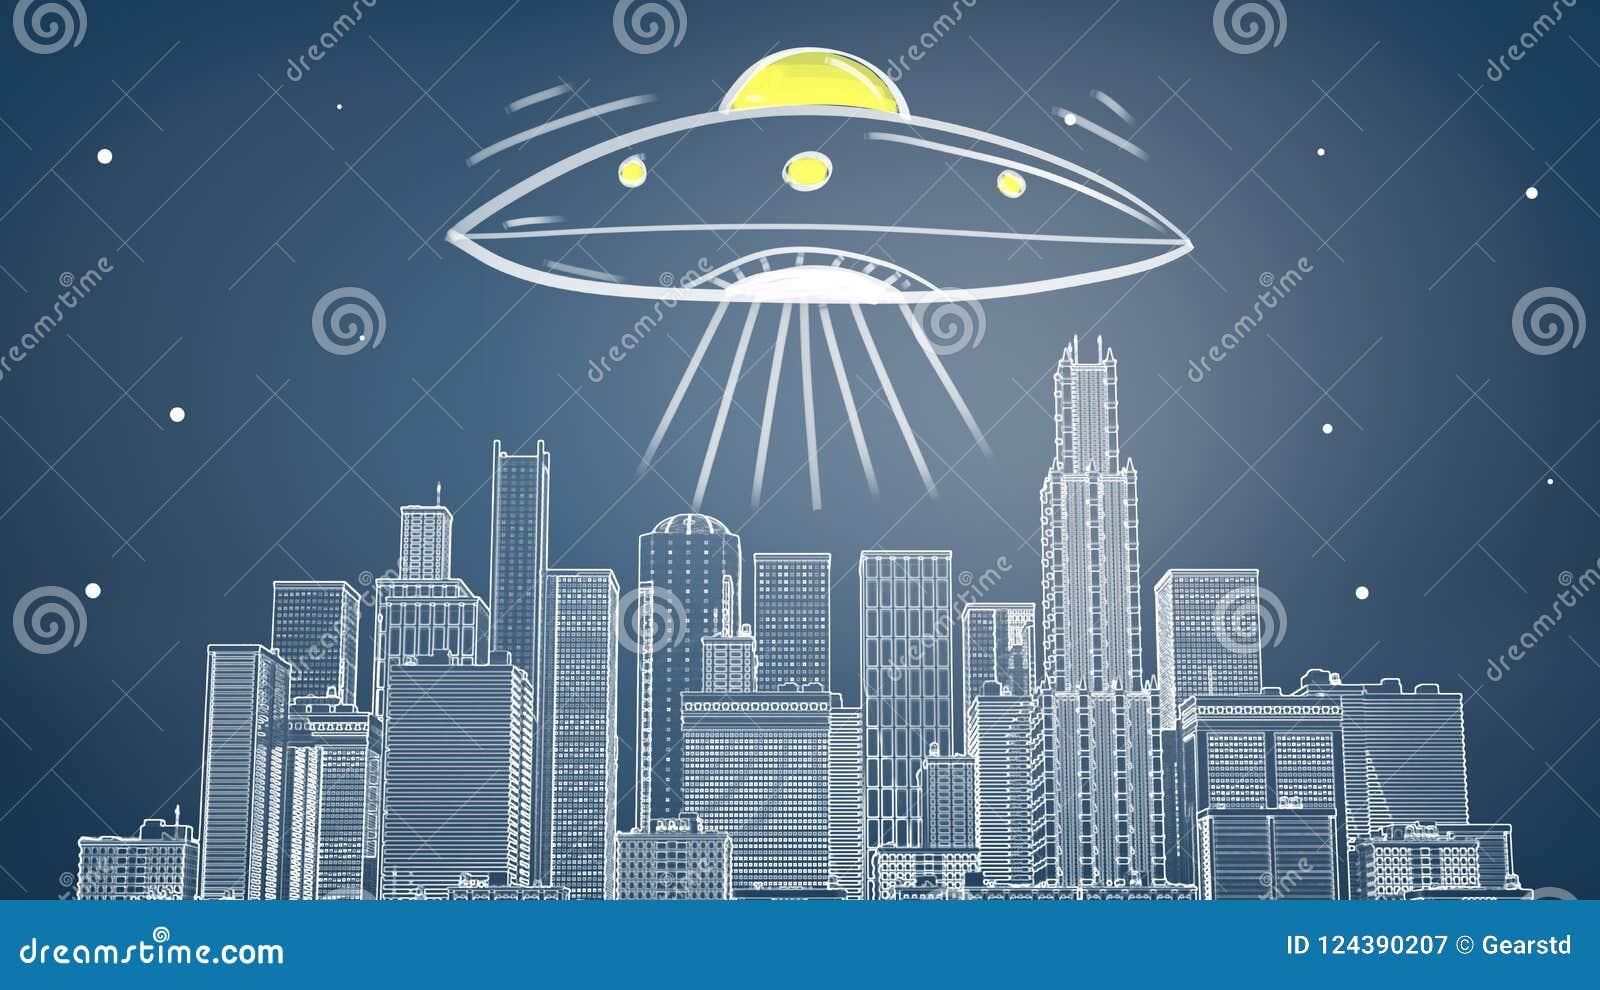 Rendu 3d d un paysage urbain dessiné par craie avec beaucoup de gratte-ciel sous une soucoupe volante géante émettant la lumière